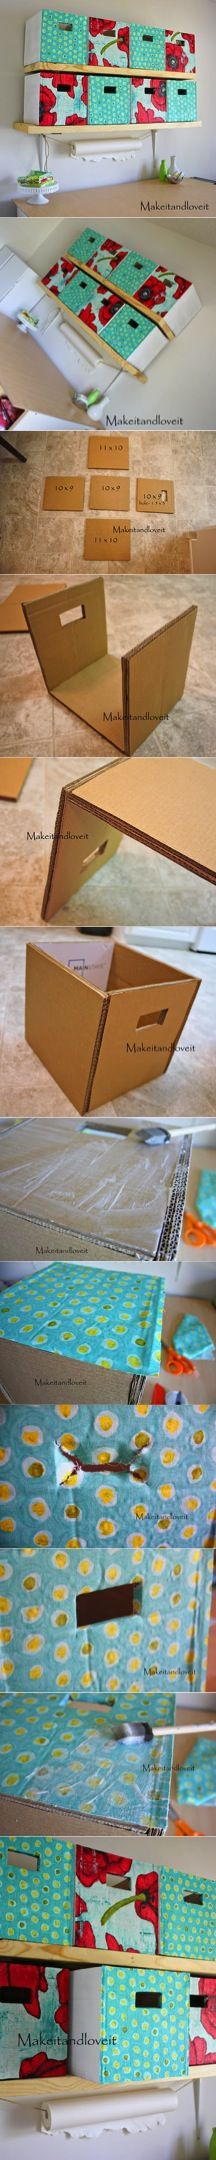 En Cajadecarton.es tenemos planchas de cartón ondulado para que puedas hacer manualidades como esta. Puedes encontrar las planchas de cartón aquí: http://www.cajadecarton.es/carton-corrugado/planchas-de-carton